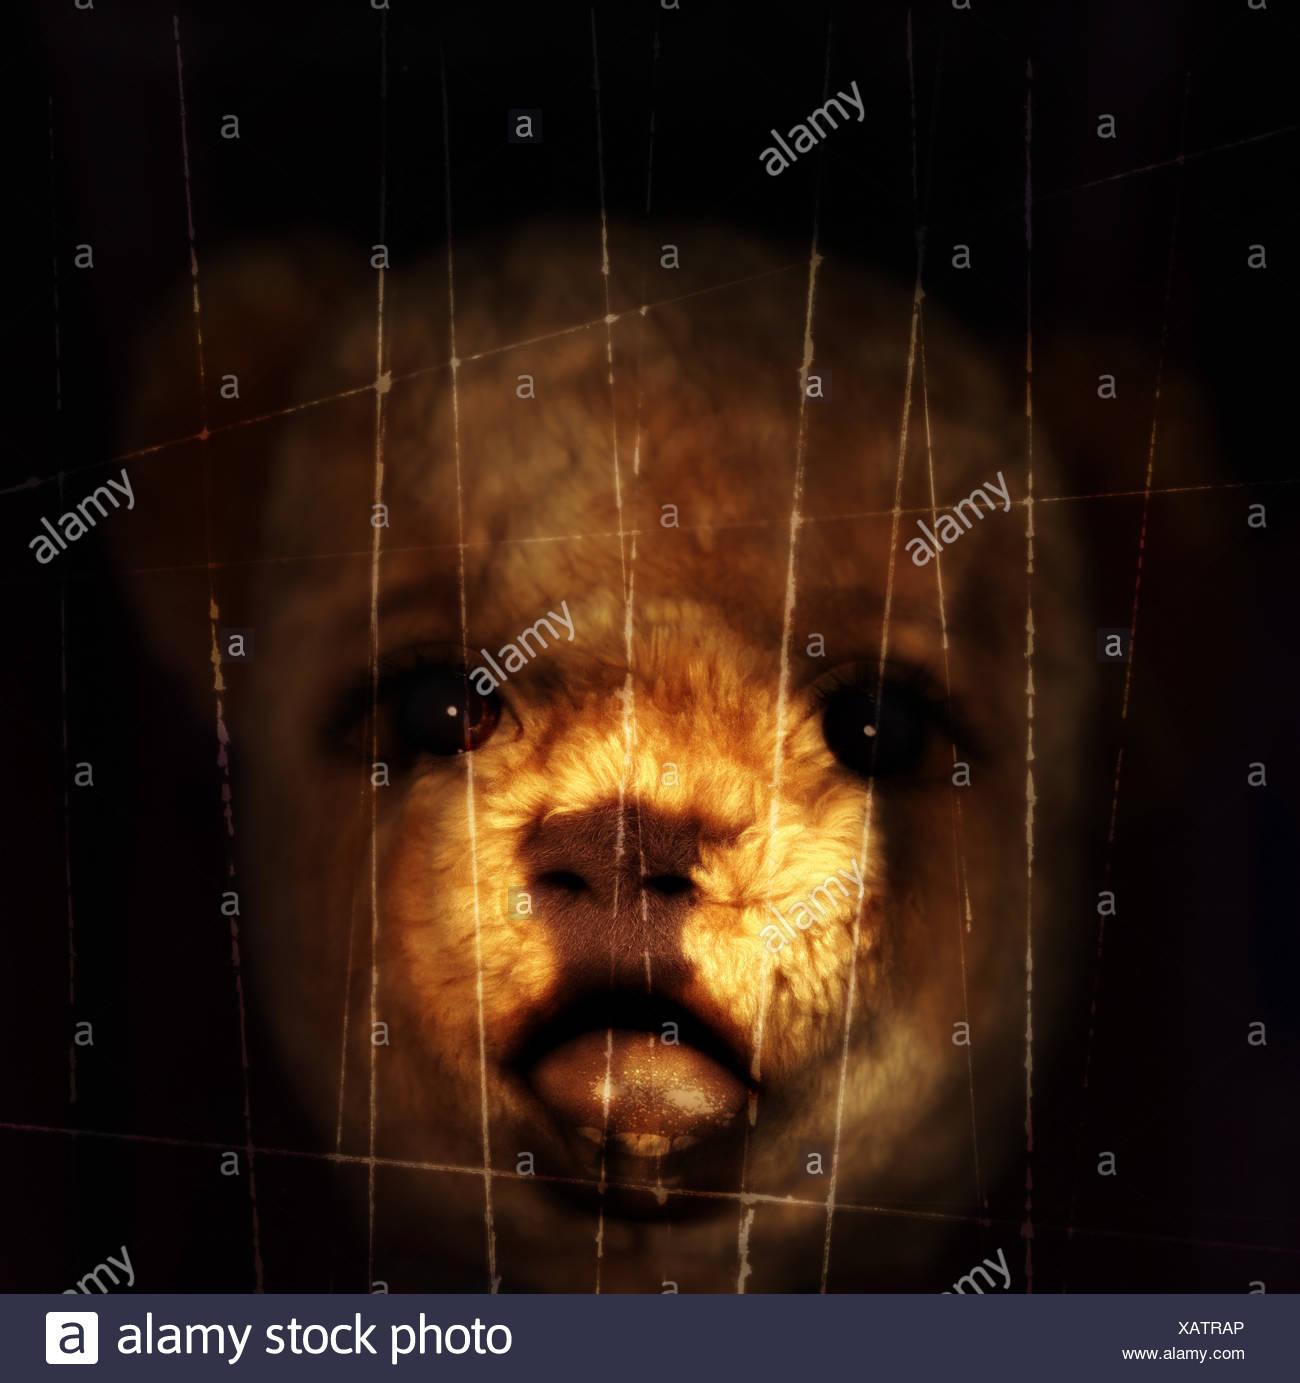 Teddybear - Stock Image